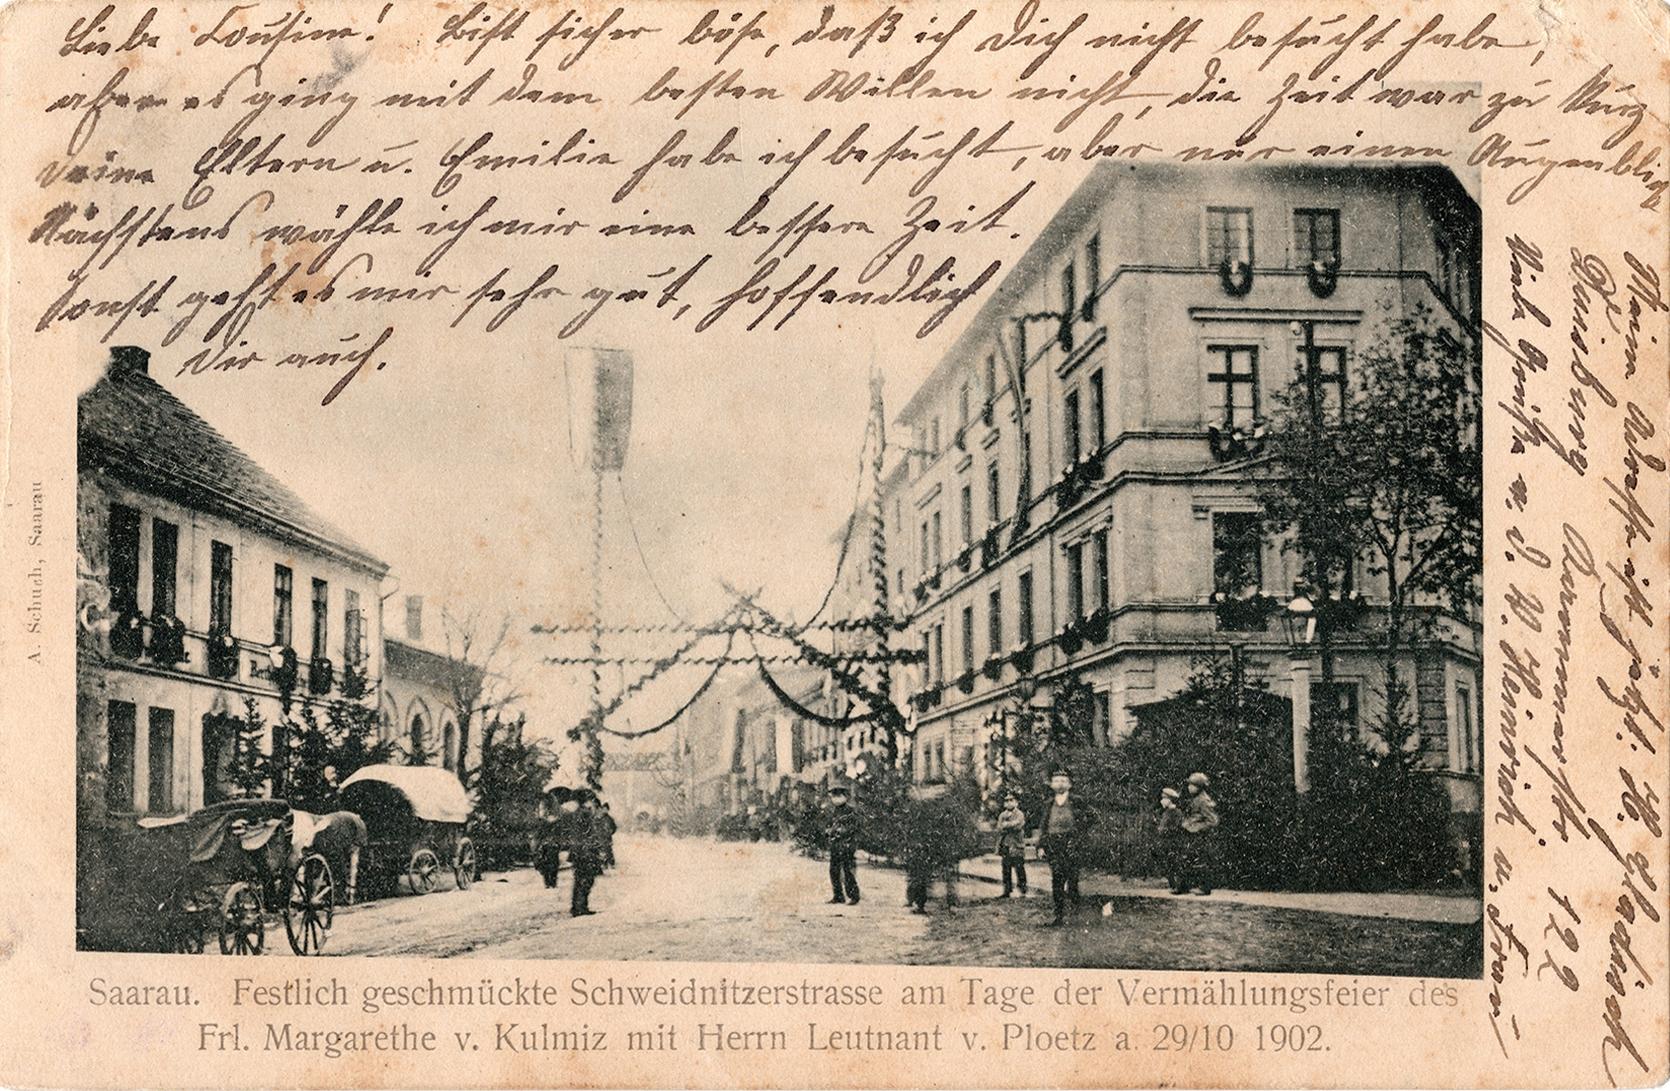 Saarau Festlich 1904 (1)